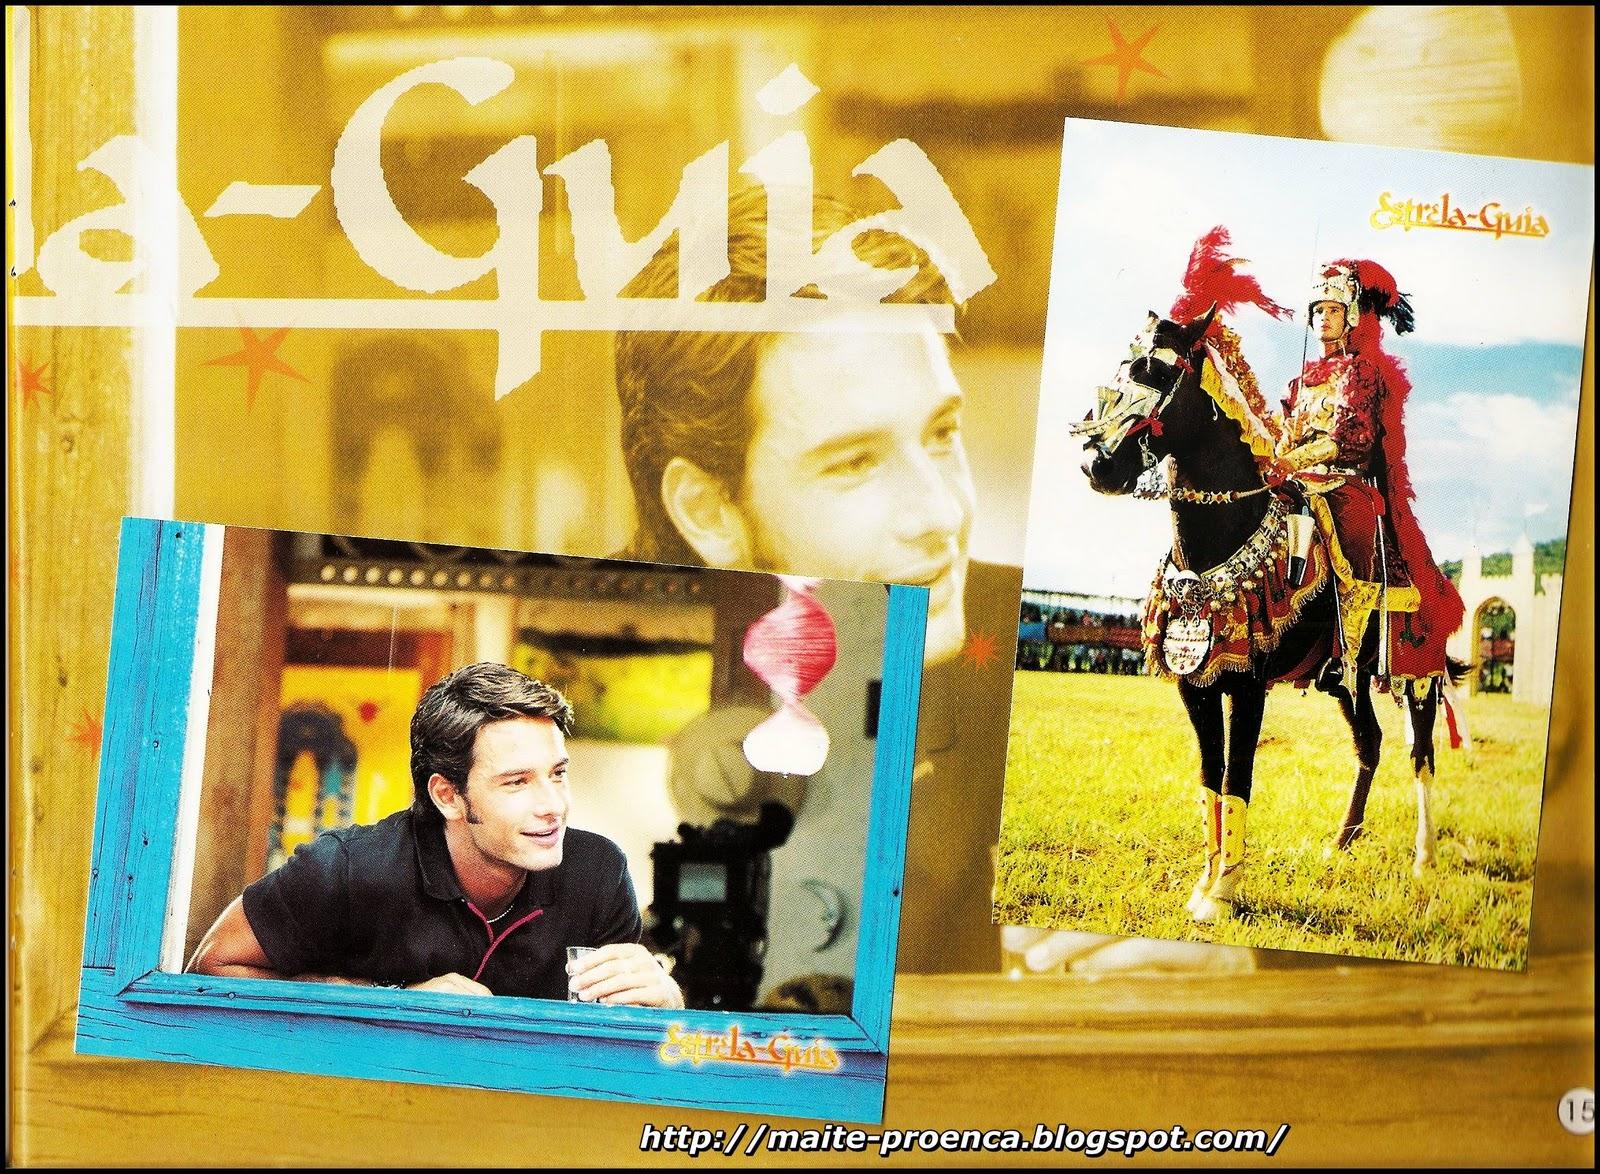 691+2001+Estrela+Guia+Album+(16).jpg